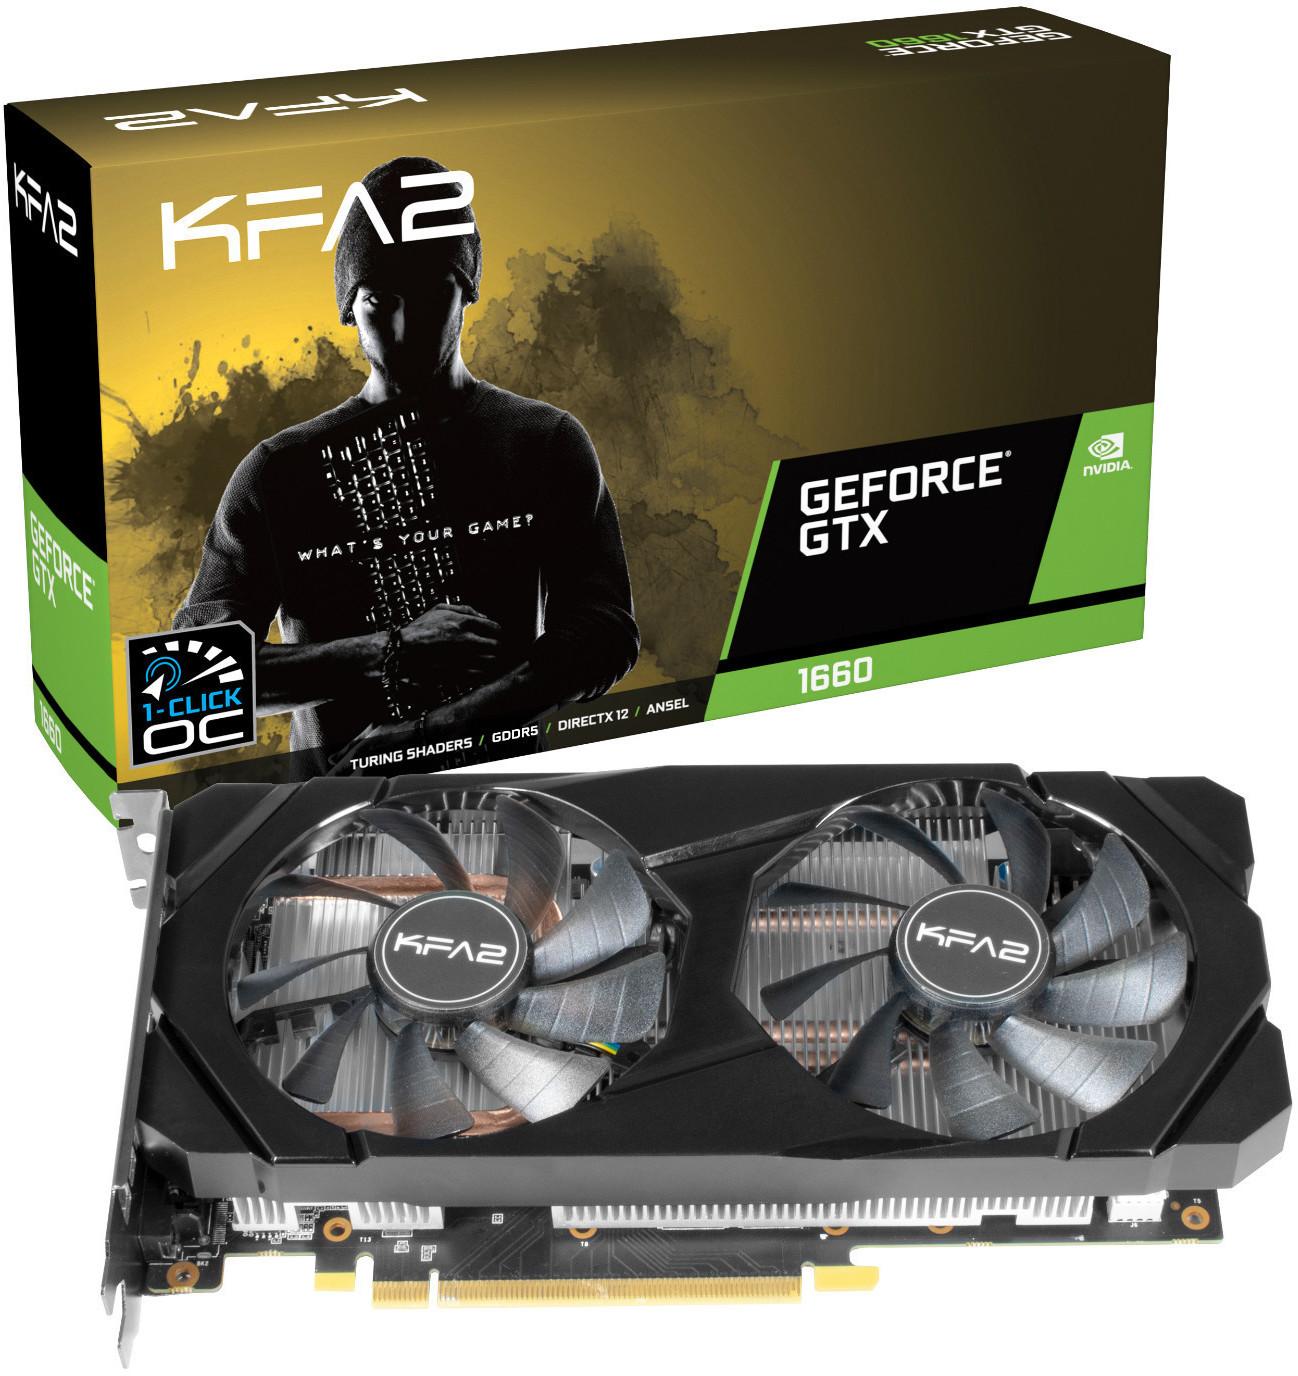 Image of Galaxy GeForce GTX 1660 OC 6GB GDDR5